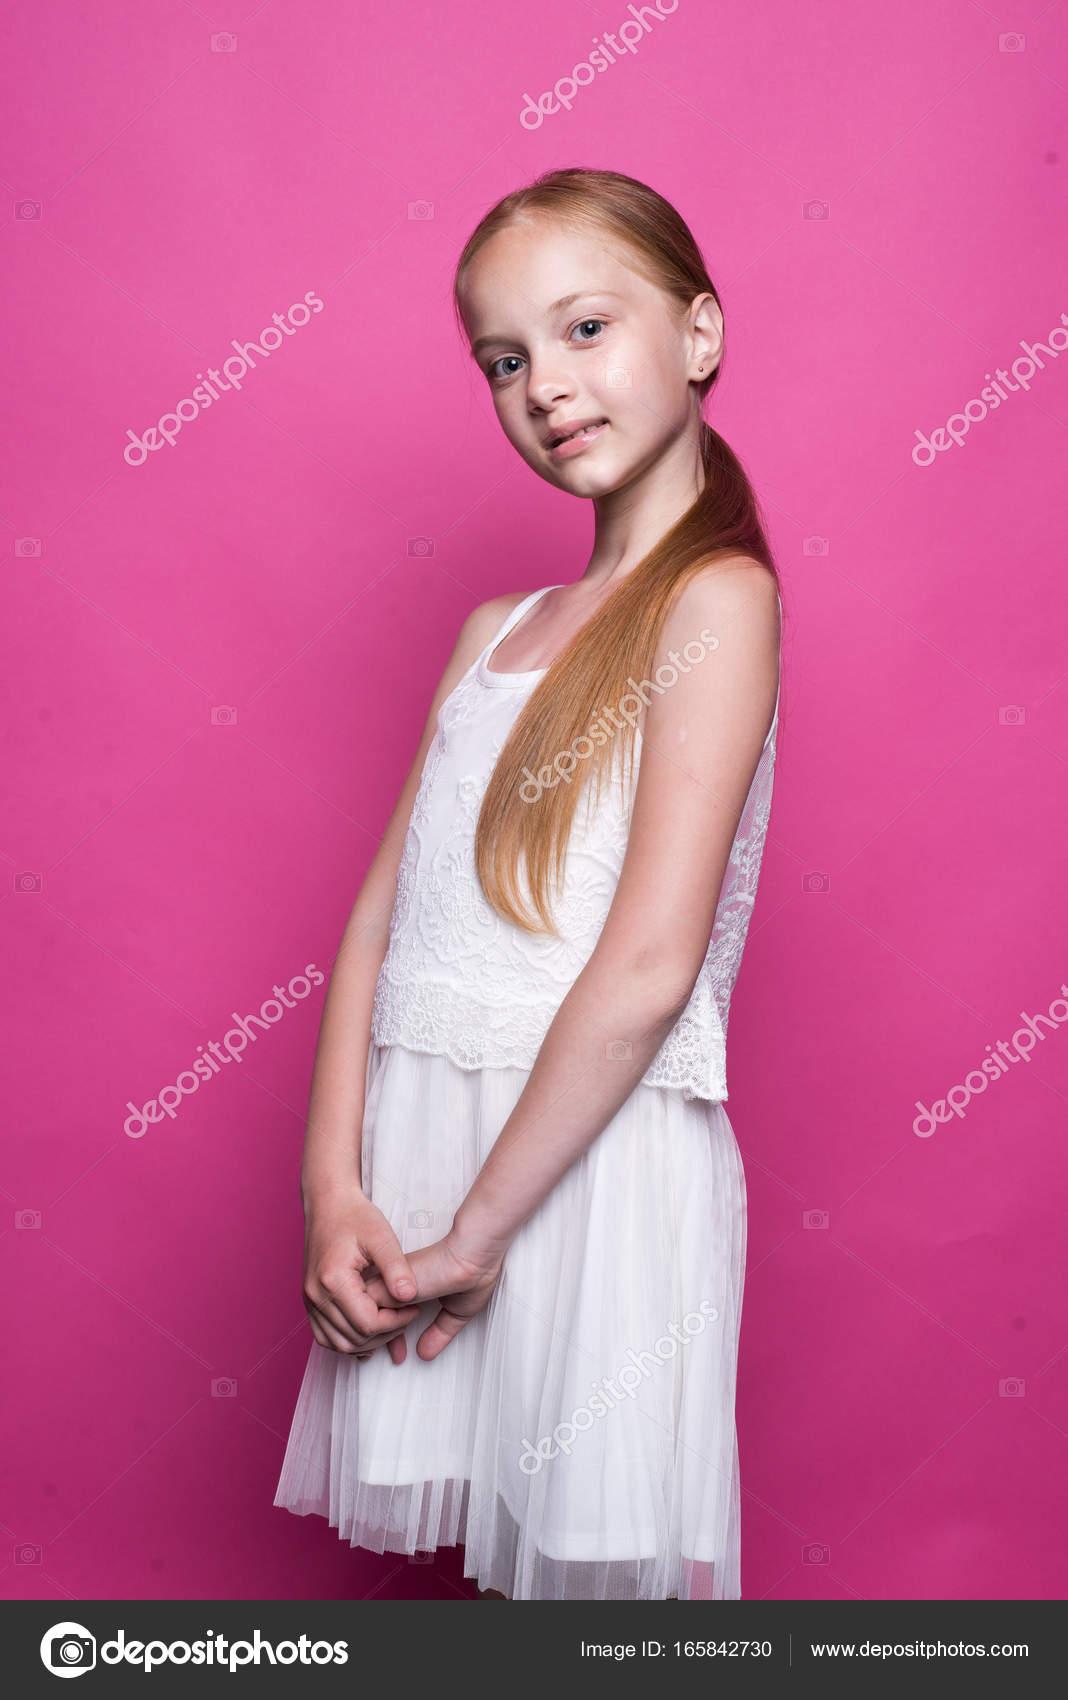 Λεσβιακό κορίτσι σαγηνεύει κορίτσι